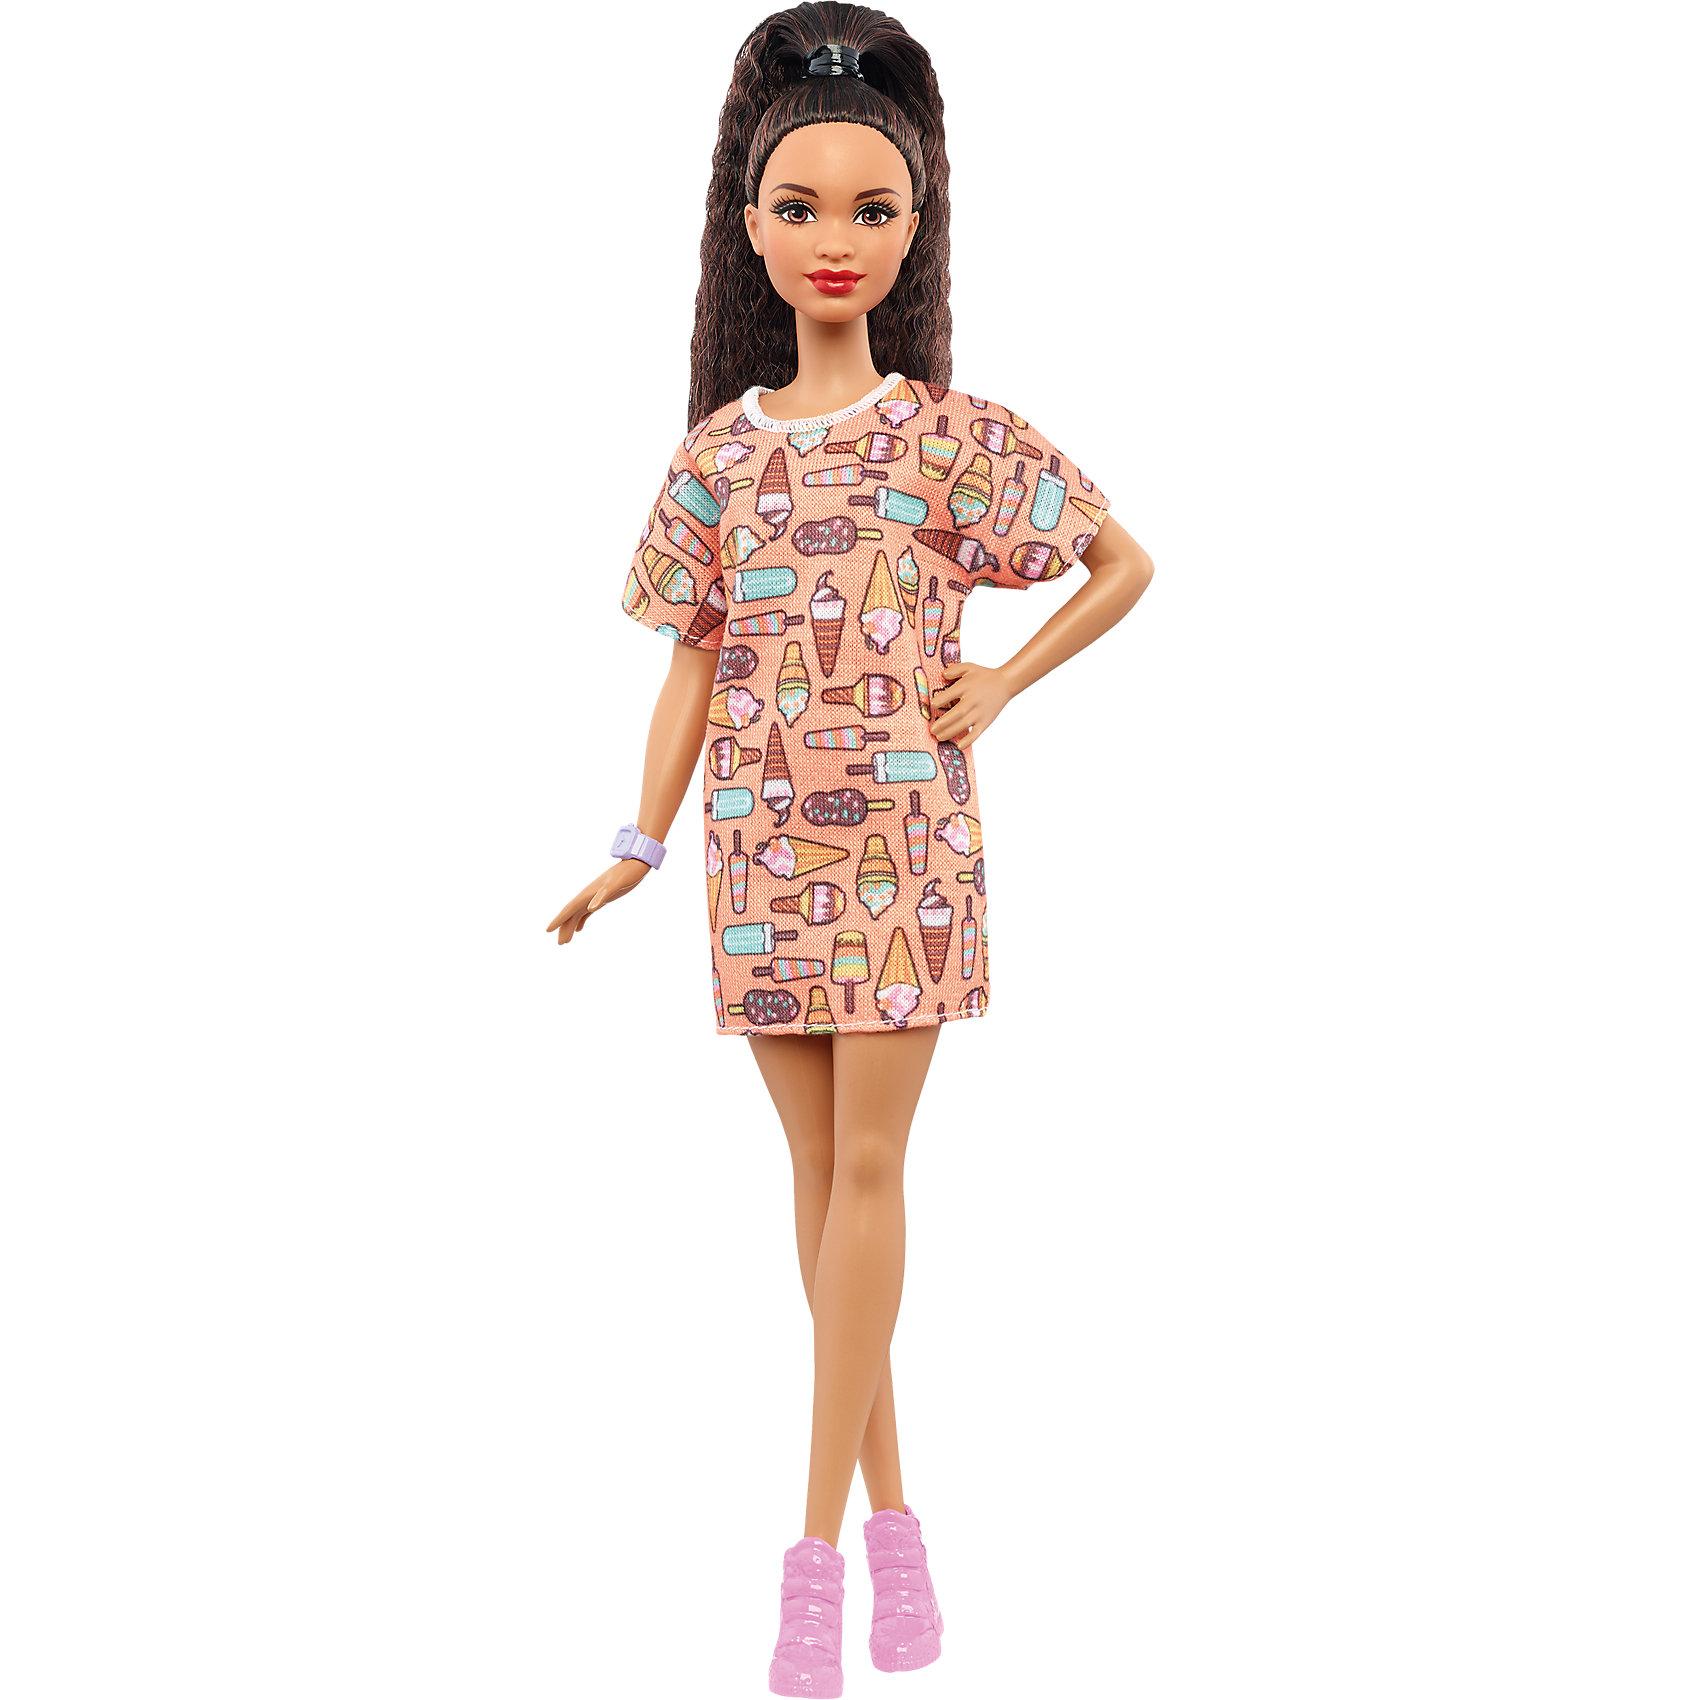 Кукла из серии Игра с модой Style So Sweet, BarbieBarbie<br>Характеристики товара:<br><br>• комплектация: кукла, одежда<br>• материал: пластик, текстиль<br>• серия: Barbie игра с модой<br>• руки, ноги гнутся<br>• высота куклы: 28 см<br>• возраст: от трех лет<br>• размер упаковки: 33х12х5 см<br>• вес: 0,3 кг<br>• страна бренда: США<br><br>Невероятно модный образ изящной куклы порадует маленьких любительниц стильных и необычных нарядов. Стильную одежду дополняет обувь и аксессуары. Длинные волосы позволяют делать разнообразные прически! Барби из серии Игра с модой станет великолепным подарком для девочек, которые следят за модными тенденциями.<br><br>Такие куклы помогают развить у девочек вкус и чувство стиля, отработать сценарии поведения в обществе, развить воображение и мелкую моторику. Барби от бренда Mattel не перестает быть популярной! <br><br>Куклу Барби Style So Sweet из серии «Barbie и Игра с Модой» от компании Mattel можно купить в нашем интернет-магазине.<br><br>Ширина мм: 326<br>Глубина мм: 116<br>Высота мм: 58<br>Вес г: 164<br>Возраст от месяцев: 36<br>Возраст до месяцев: 72<br>Пол: Женский<br>Возраст: Детский<br>SKU: 5089085